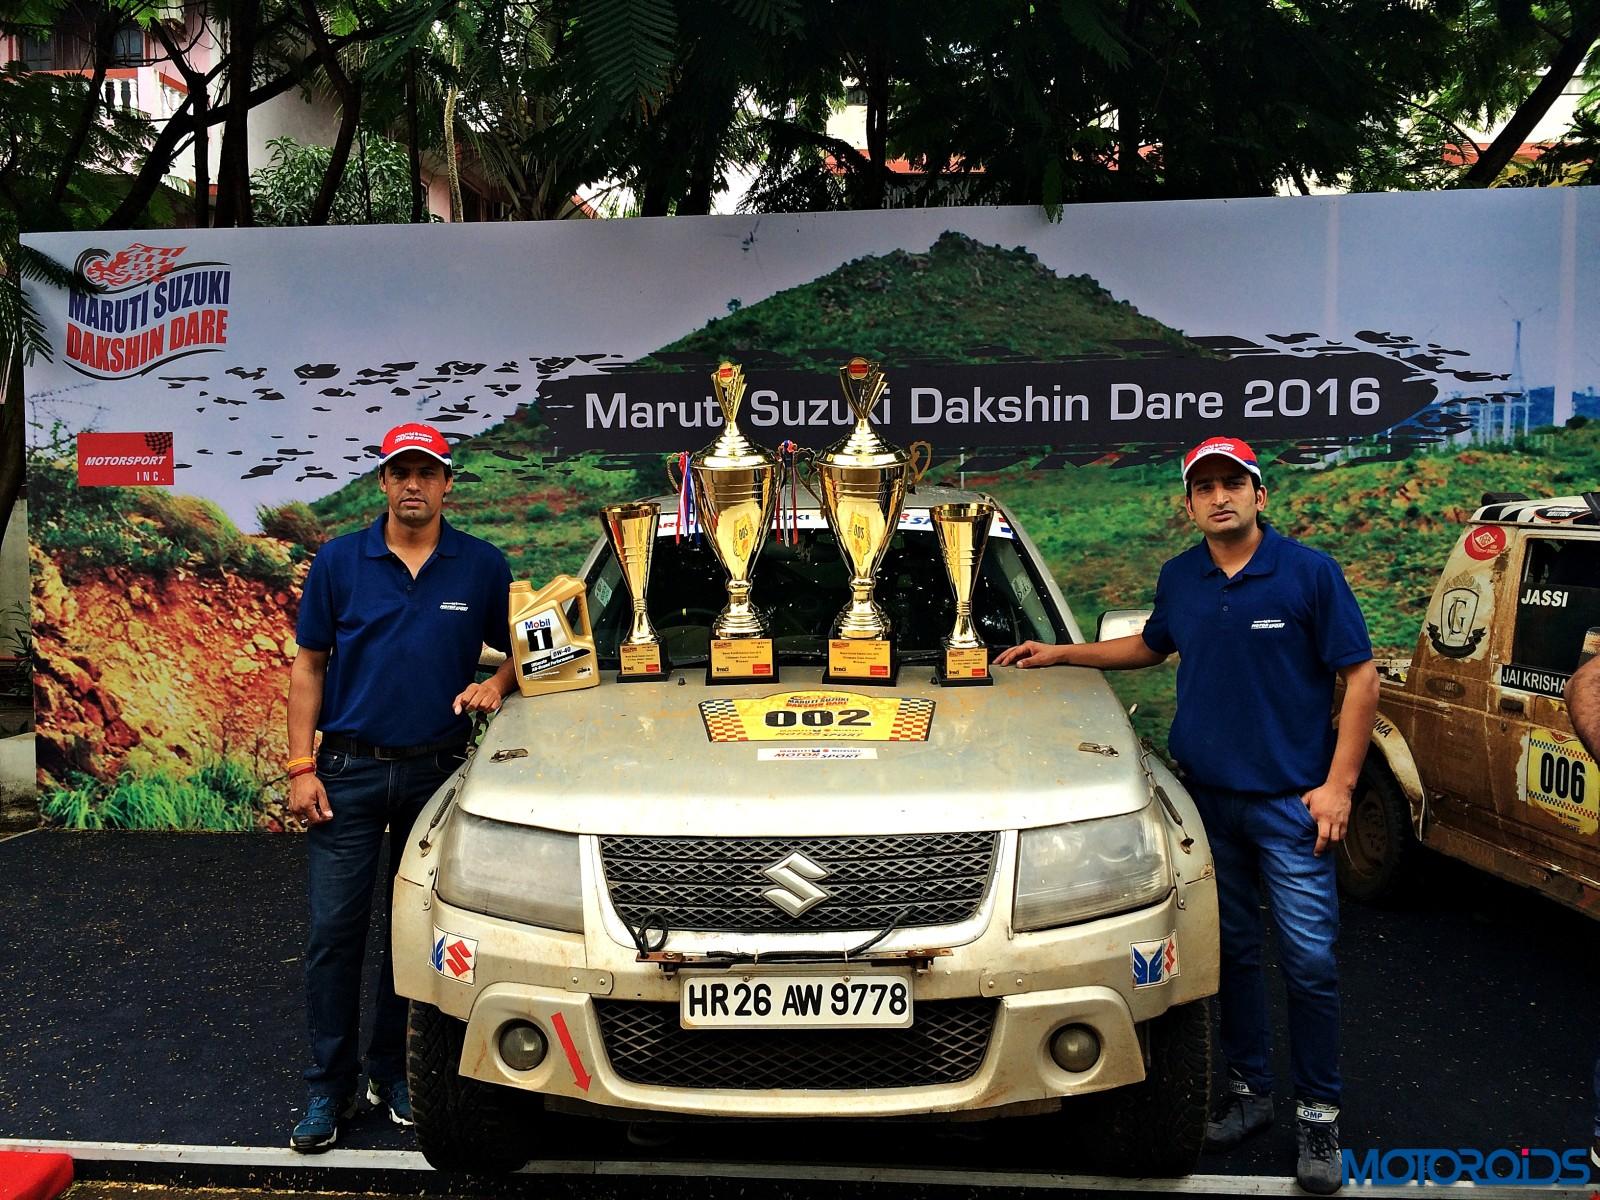 2016 Maruti Suzuki Dakshin Dare (120)